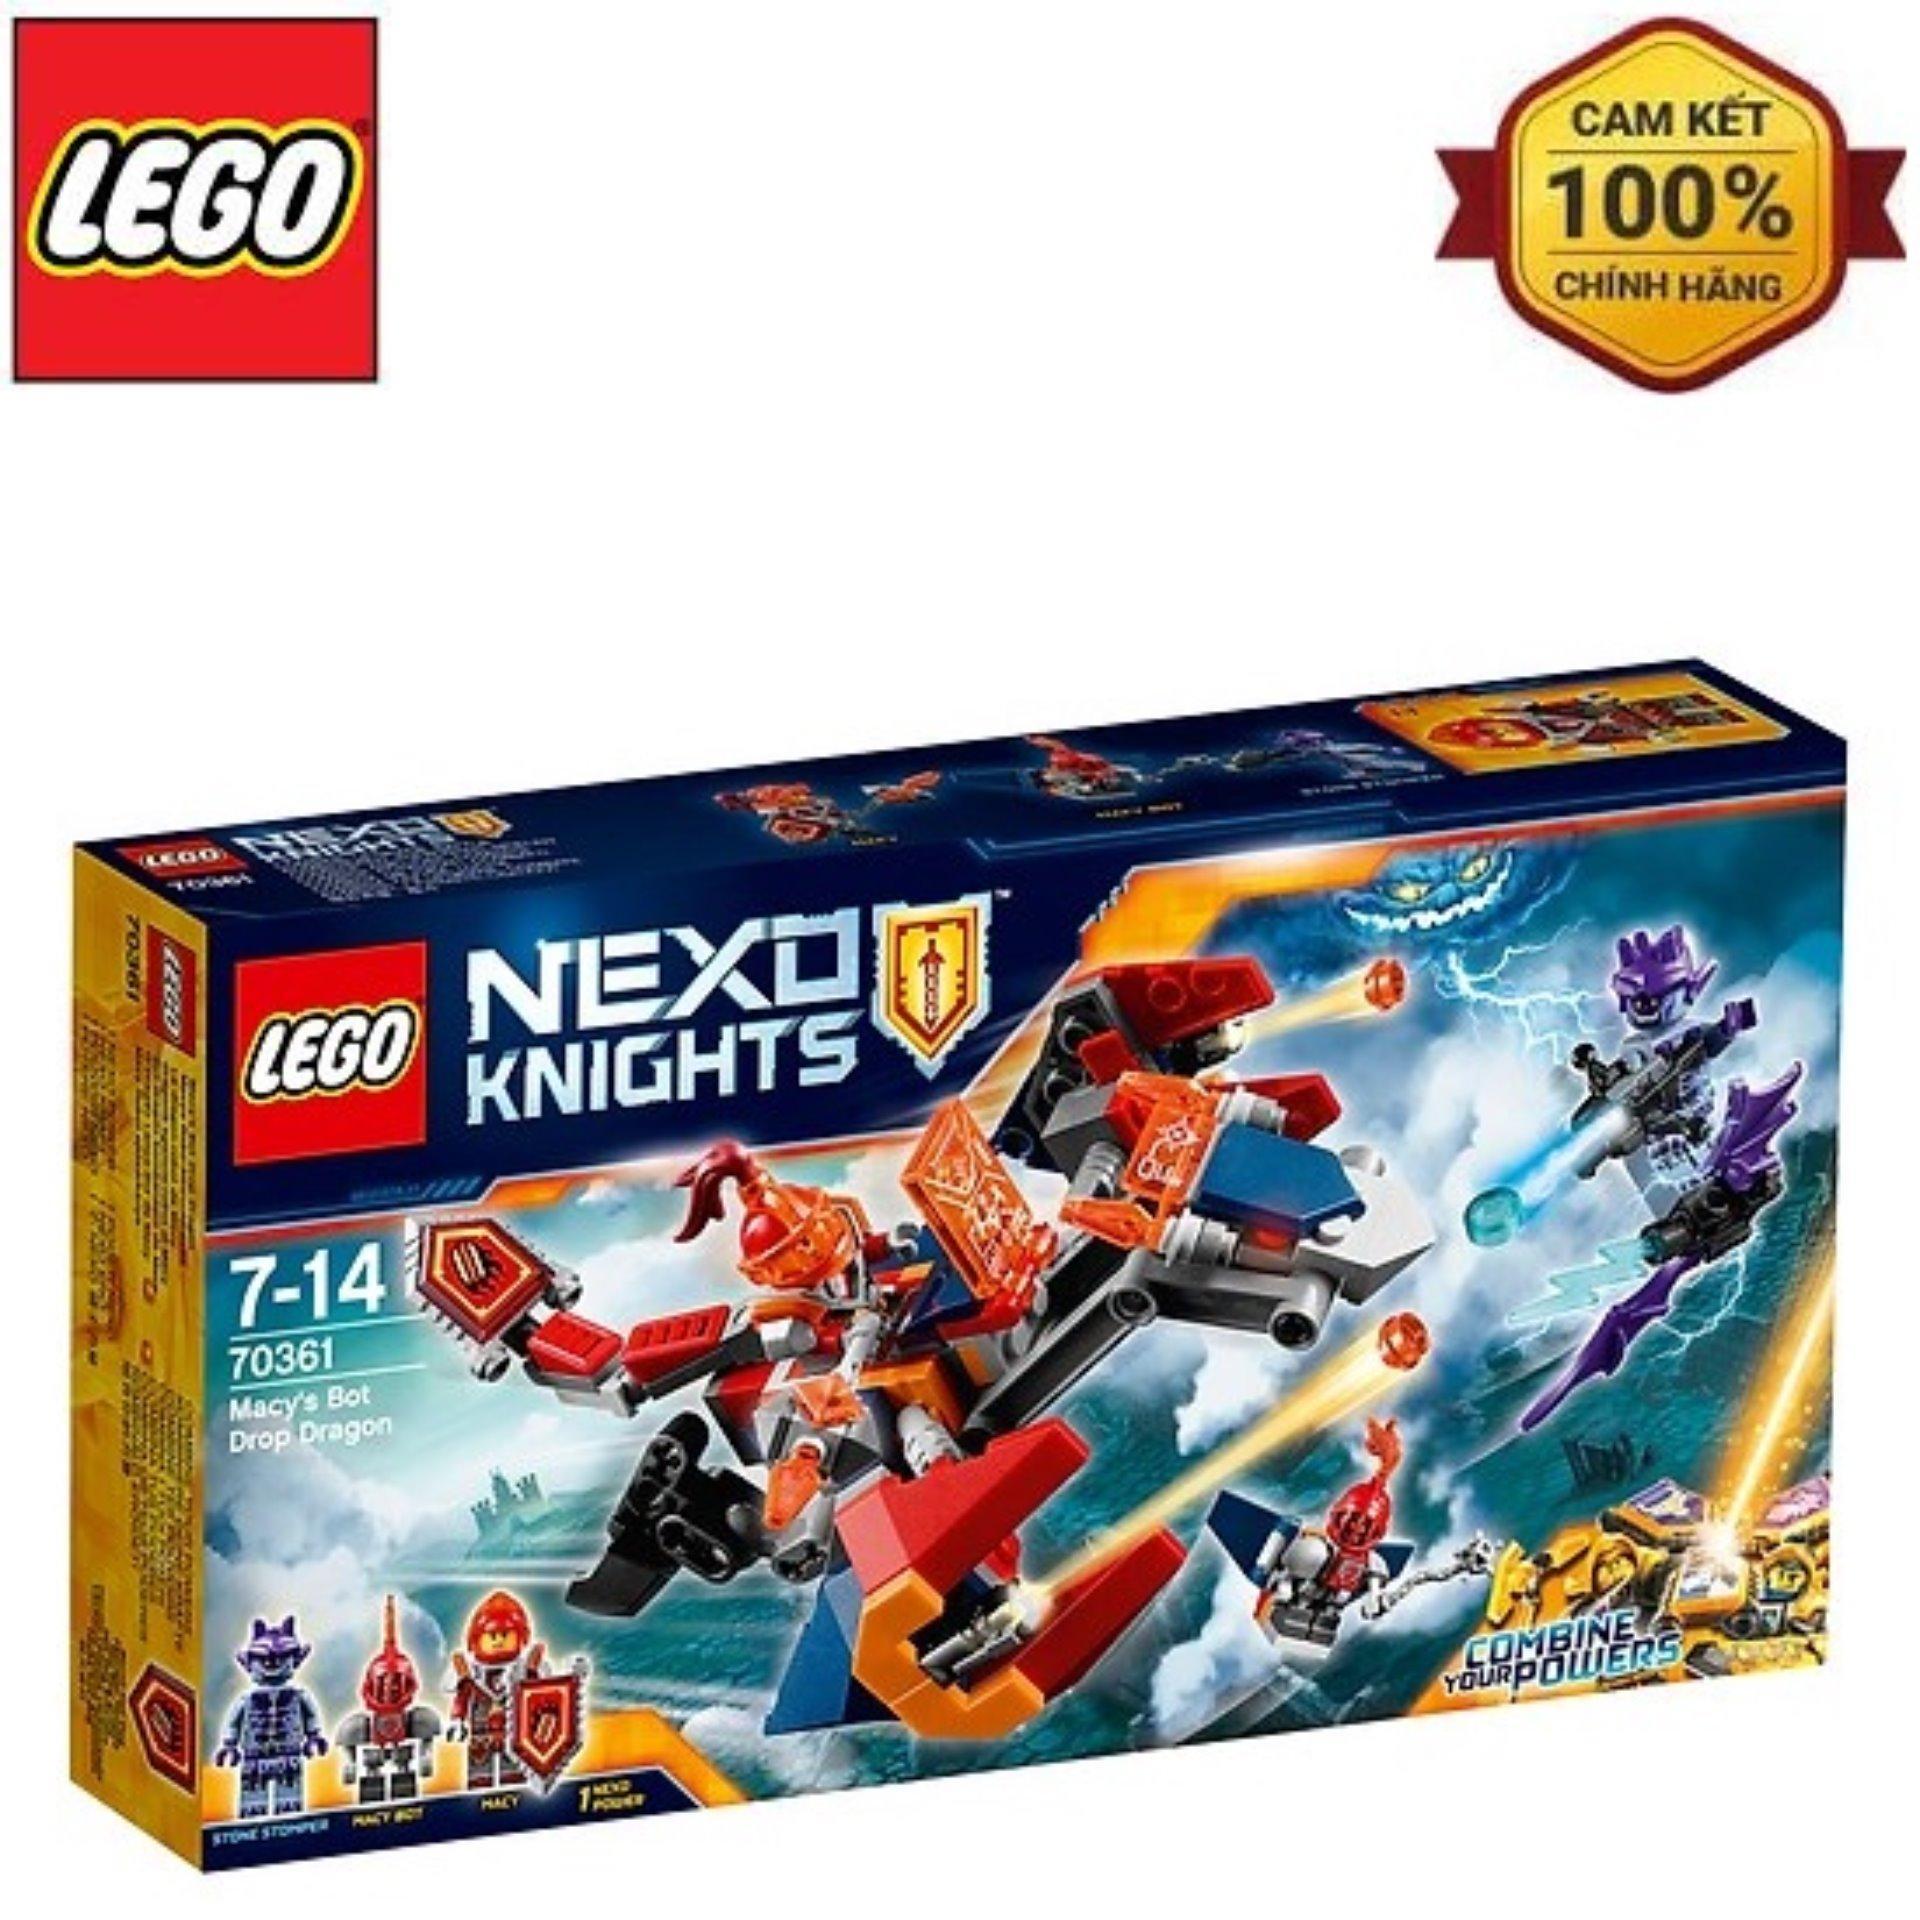 Coupon Khuyến Mại Bộ Đồ Chơi Lego Rồng Bay Máy Của Macy 70361